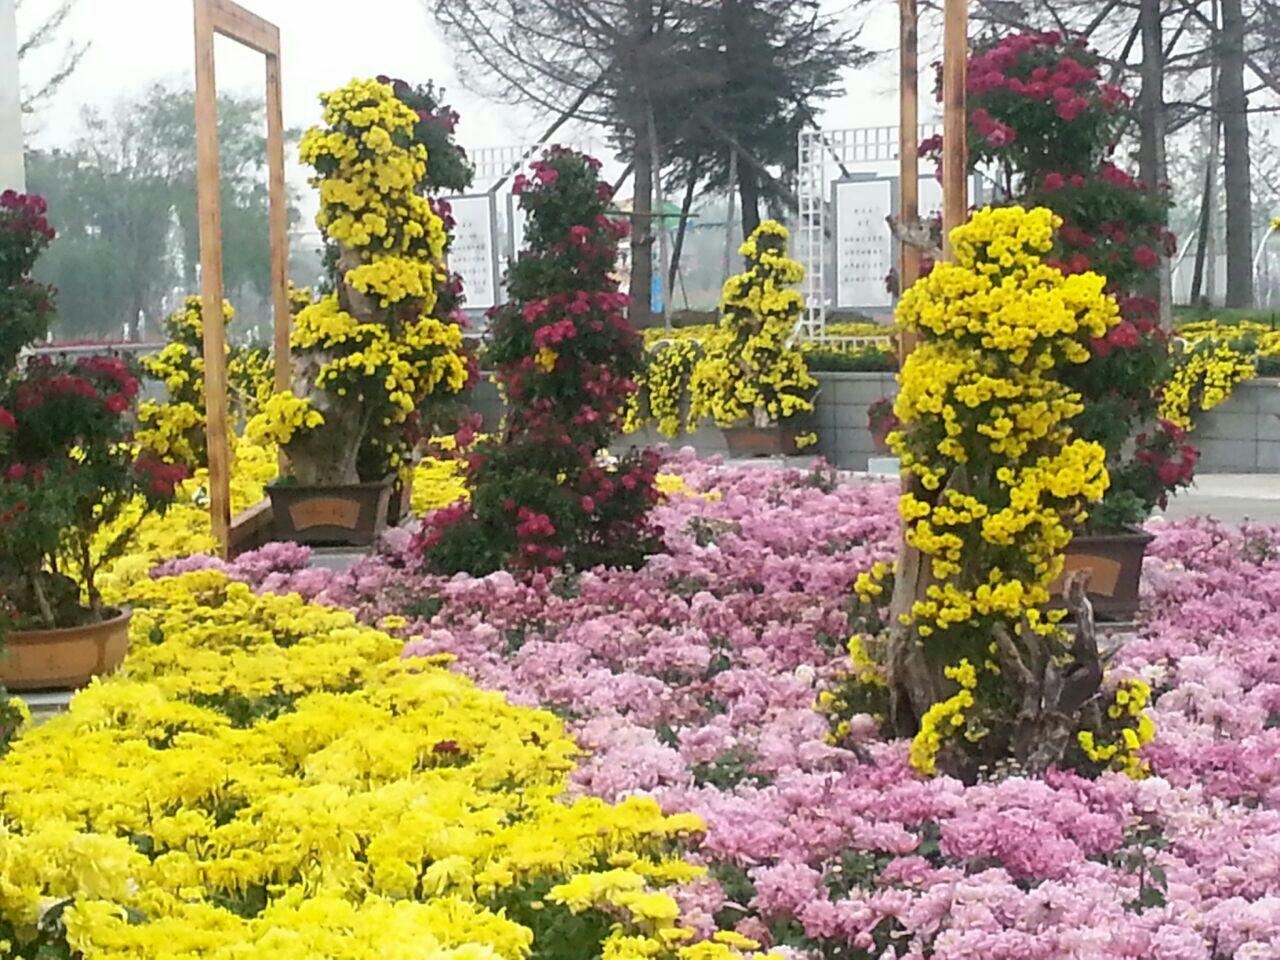 锦州世博园位于锦州市龙栖湾新区,是2013中国锦州世界园林博览会的主